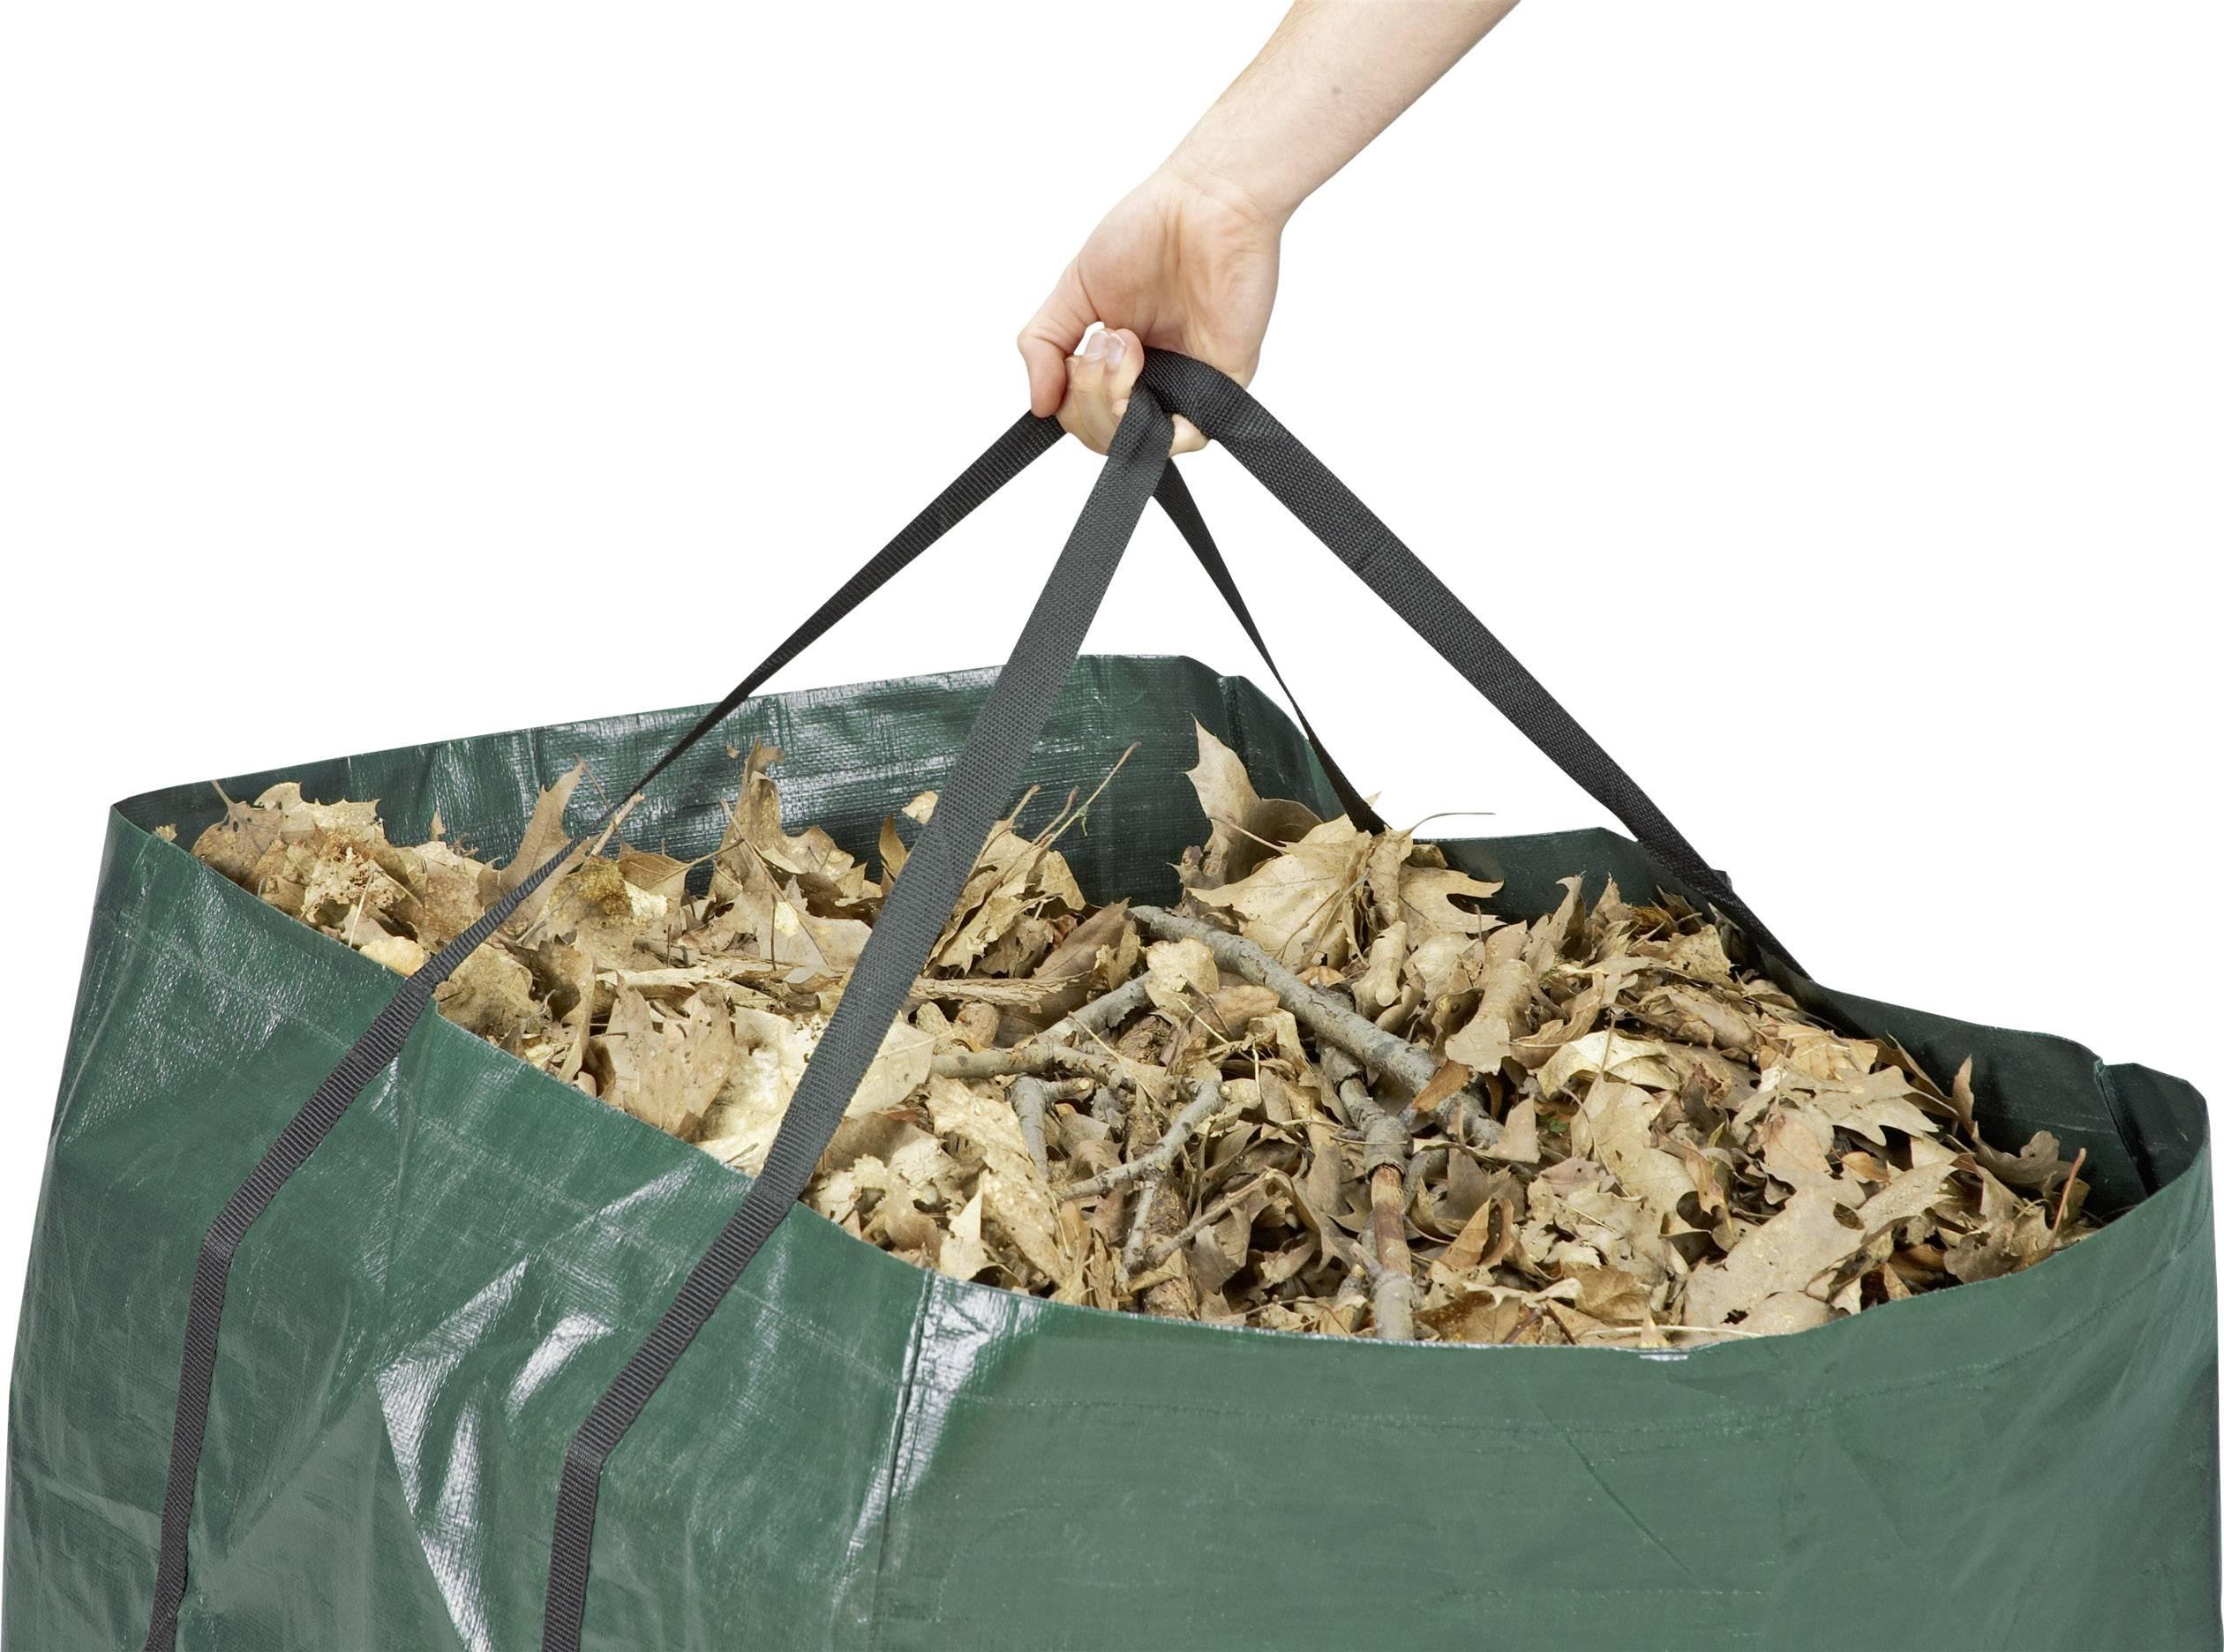 Záhradné vrece na odpad Meister Werkzeuge 9960990, 245 l, tmavozelená